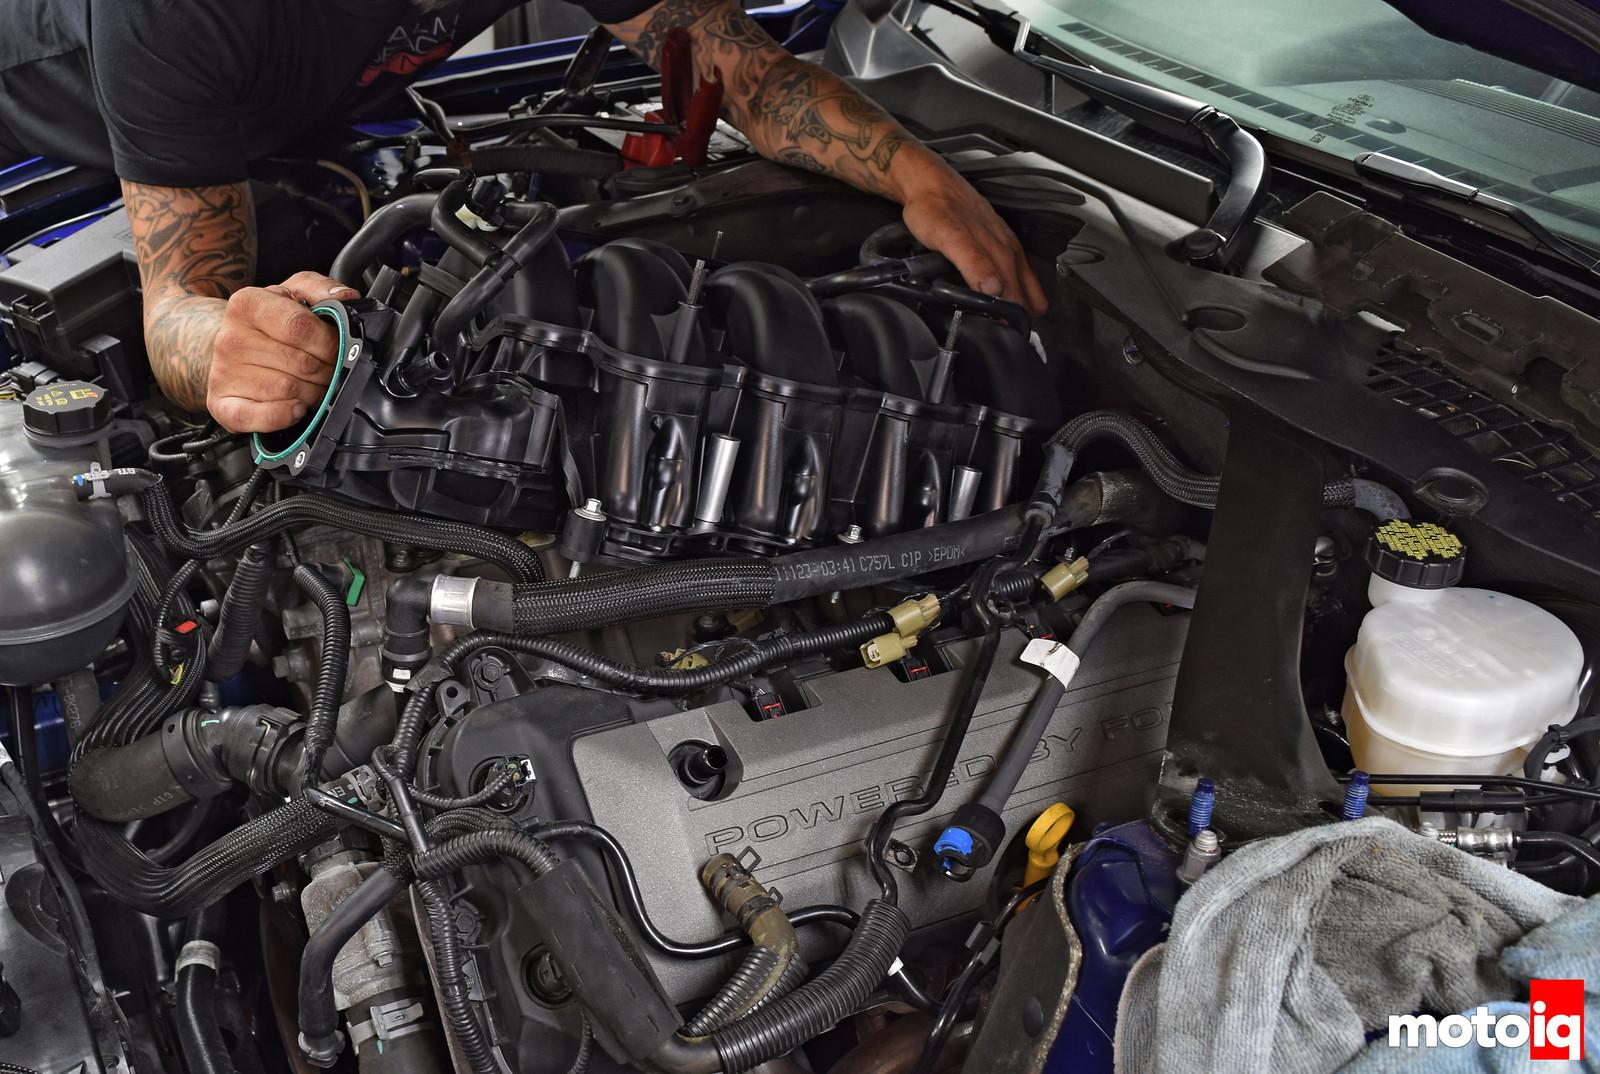 Mustang GT GT350 intake manifold install